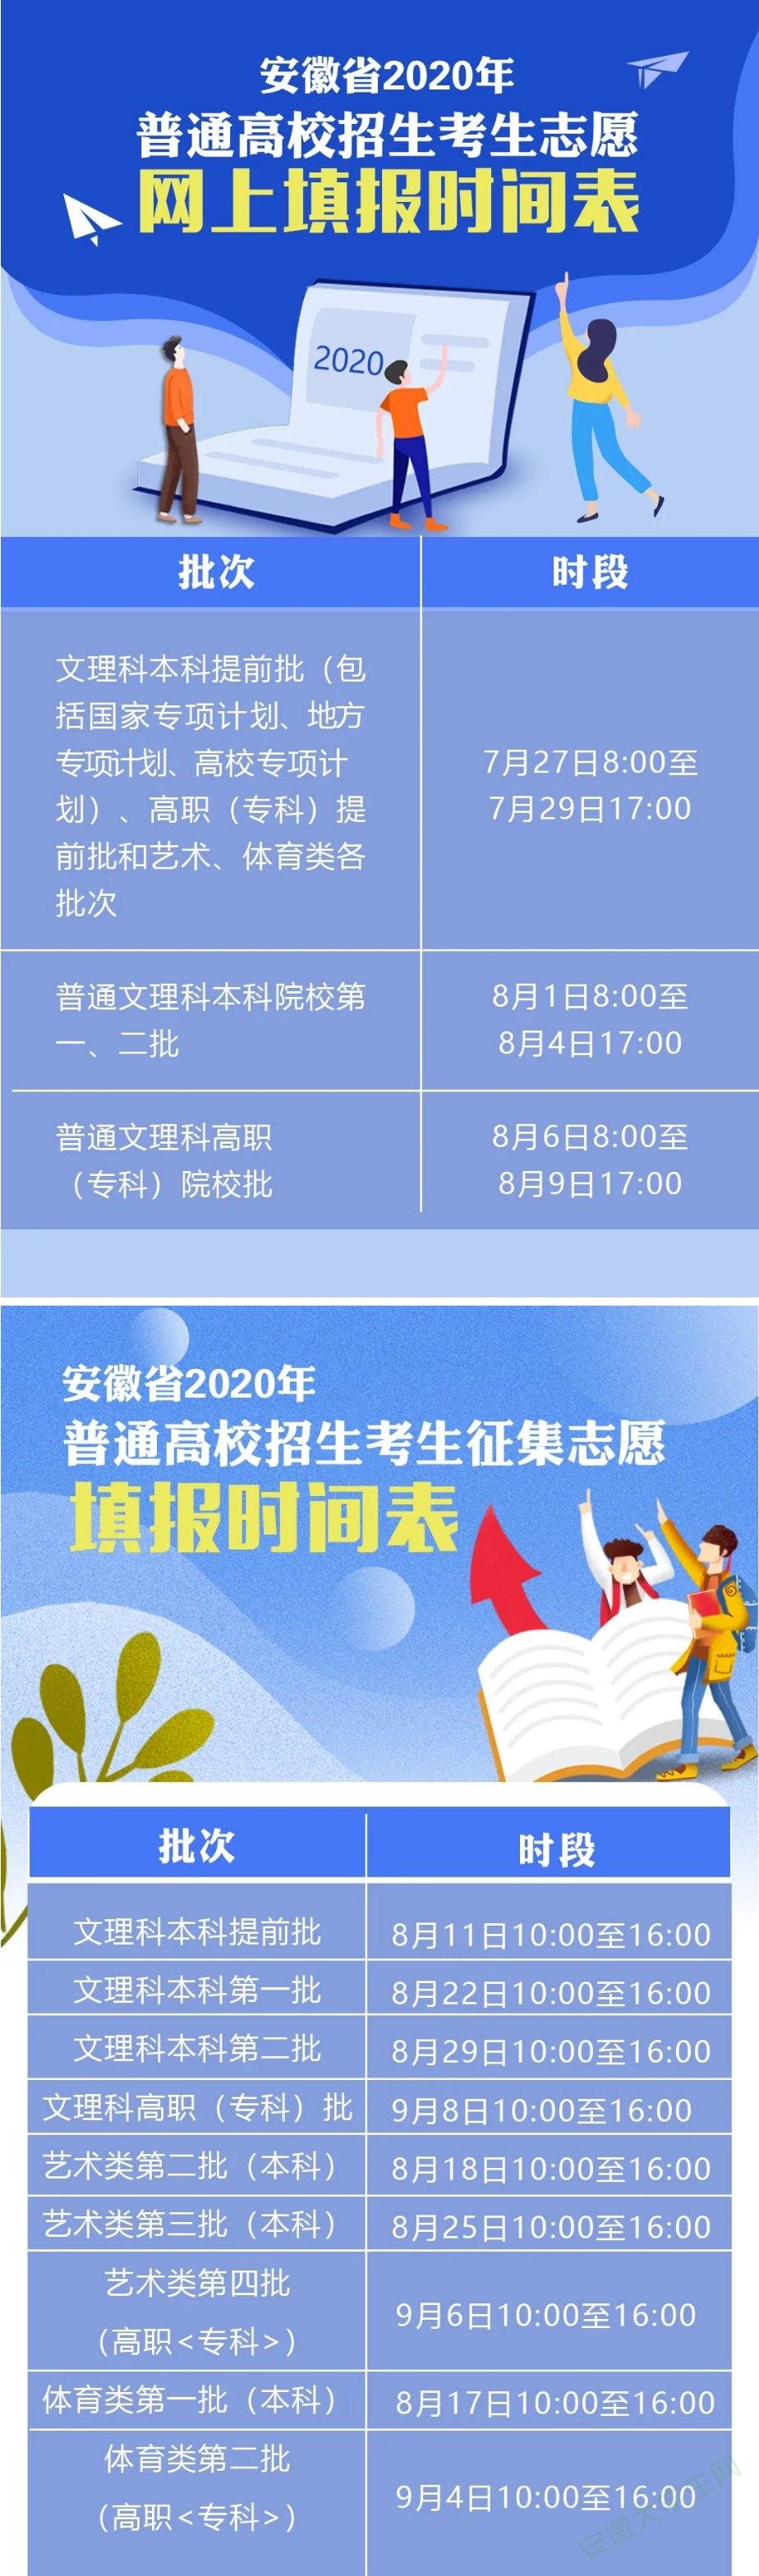 安徽省2020高考分數線公布!志愿填報時間需注意!